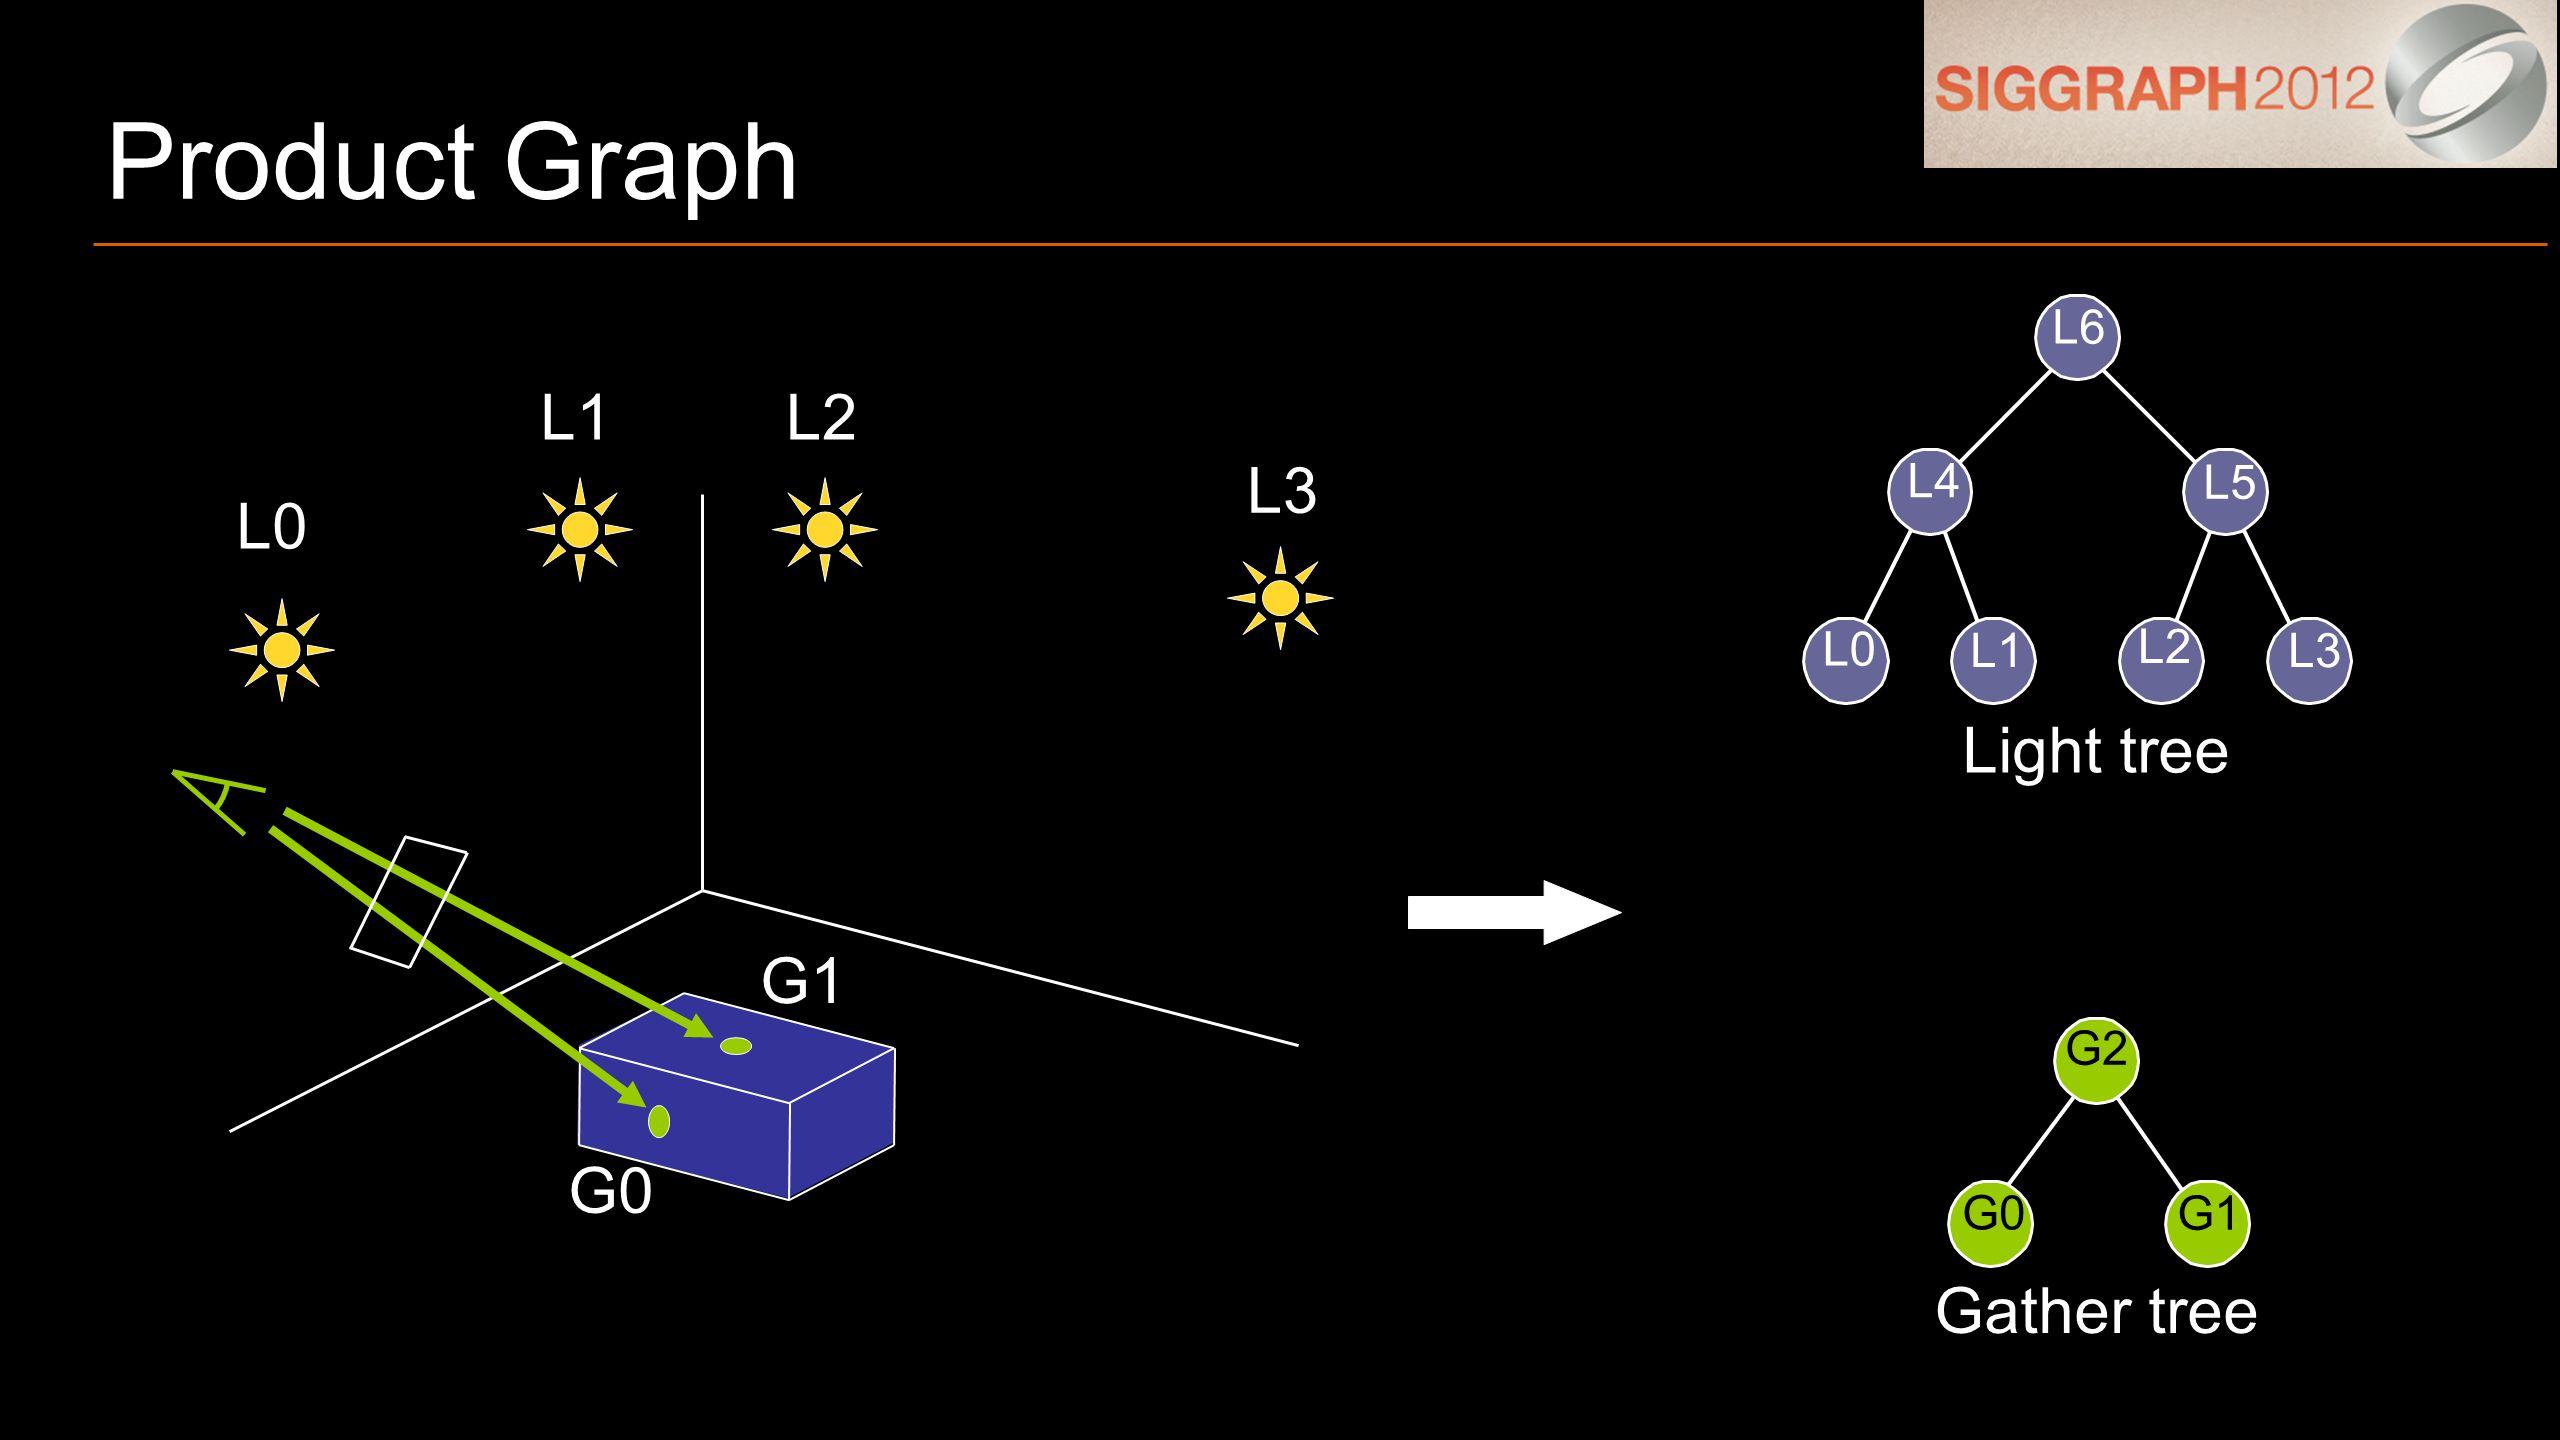 Product Graph Light tree Gather tree L0 L1 L2 L3 L4 L5 L6 G1 G0 G2 L0 L1L2 L3 G0 G1